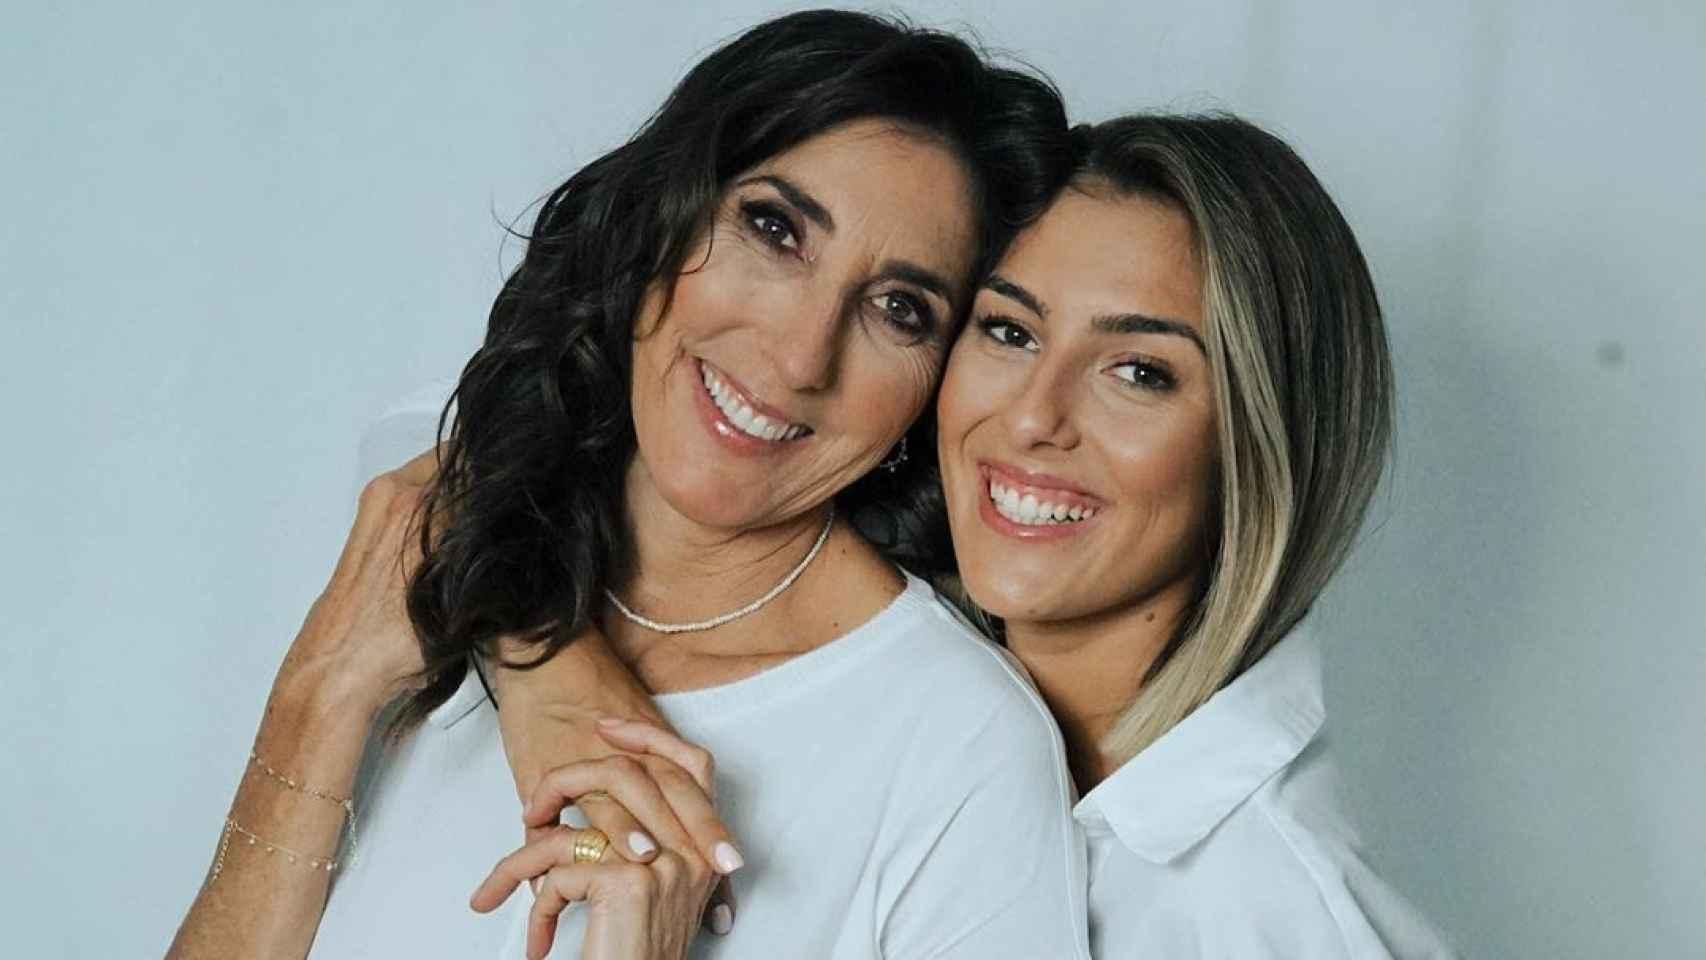 Paz Padilla y su hija, Anna Ferrer, en una imagen de sus redes sociales.